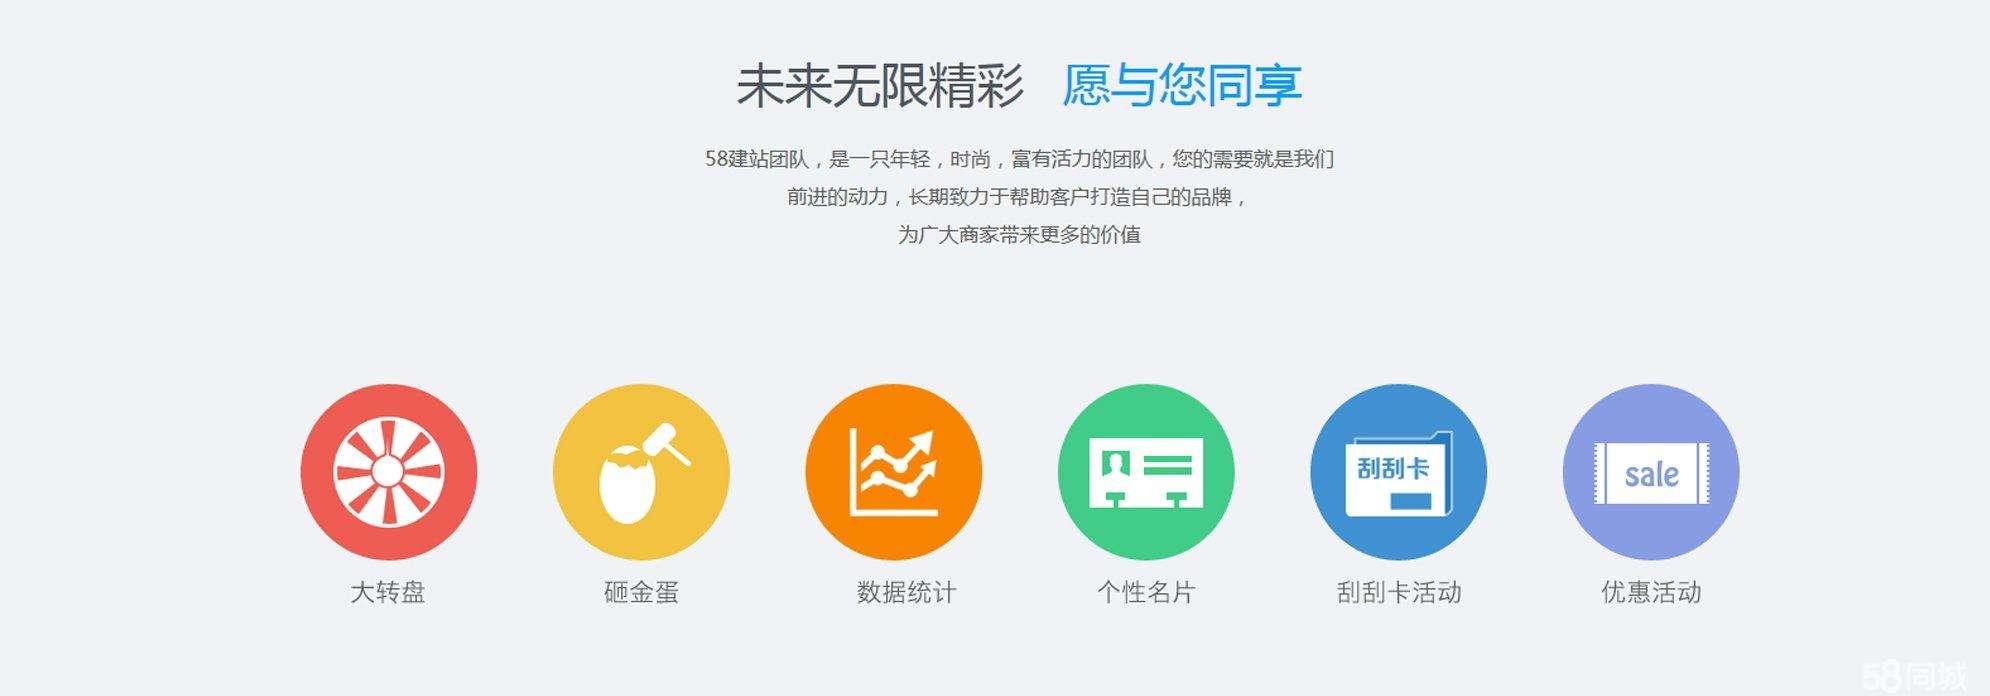 温州高品质的58同城推广公司——优质的58同城推广